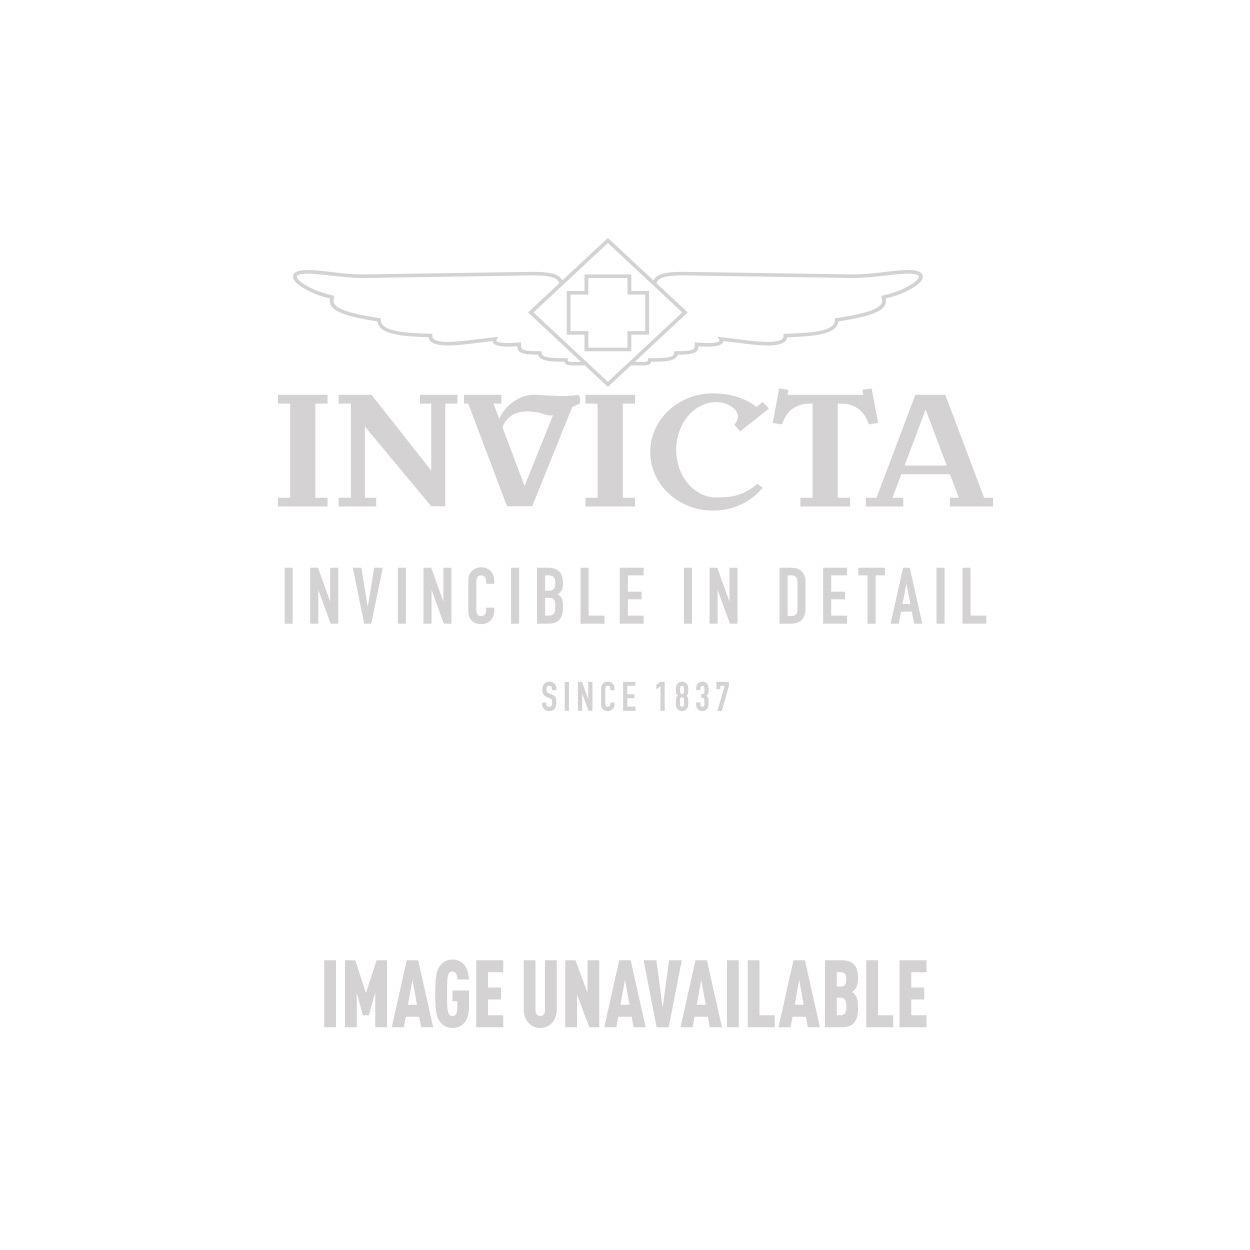 Invicta Model 28626